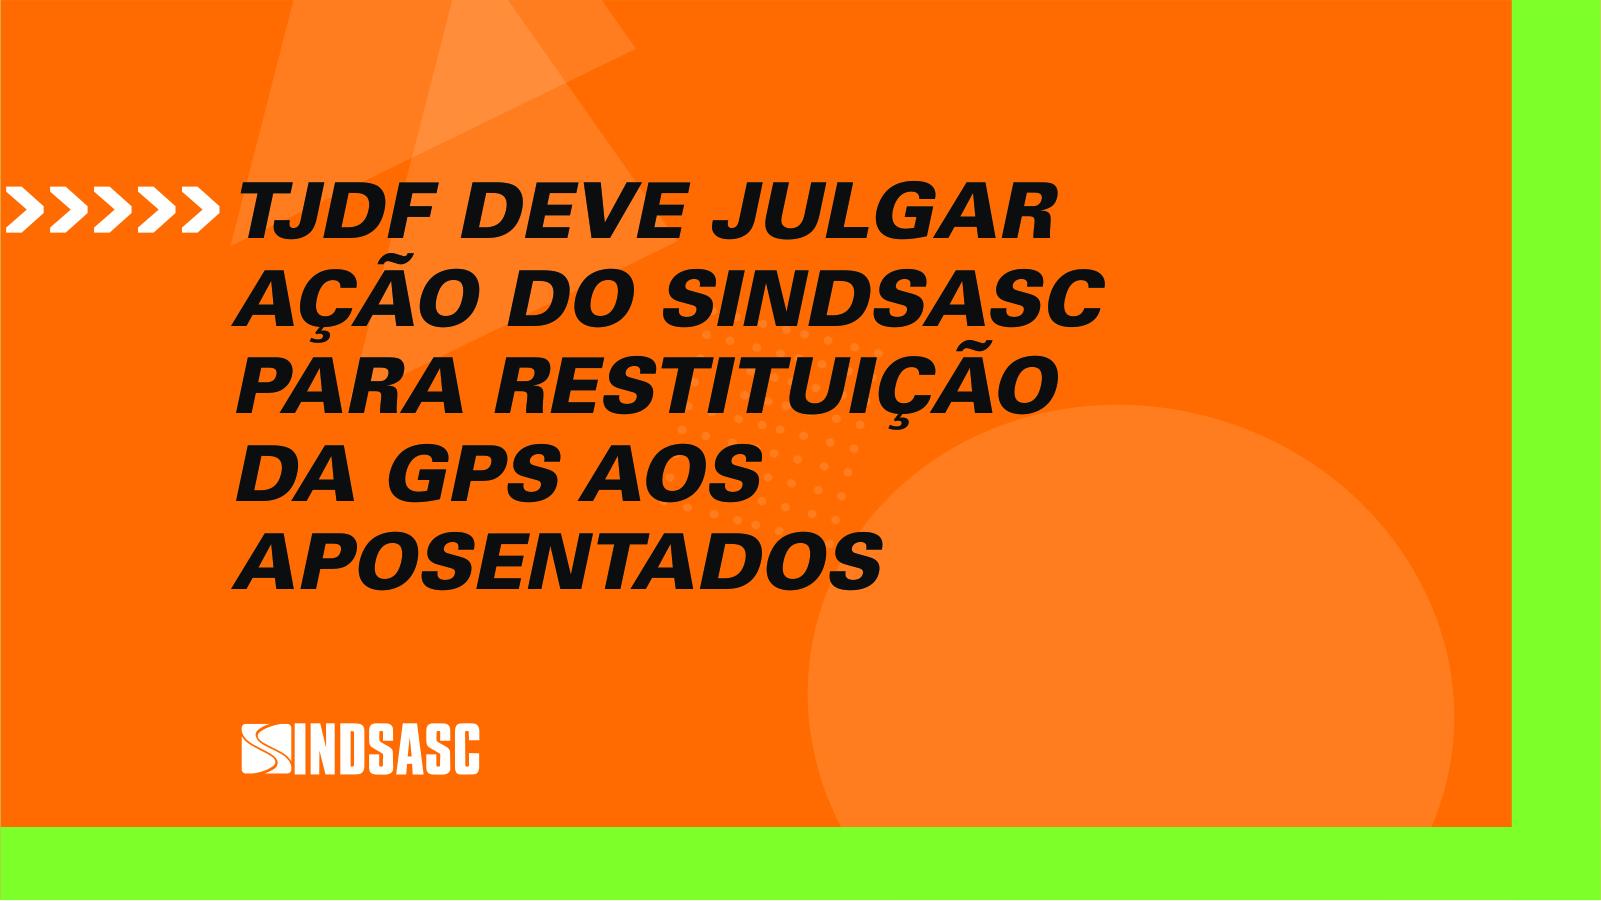 TJDF deve julgar ação do Sindsasc para restituição da GPS aos aposentados